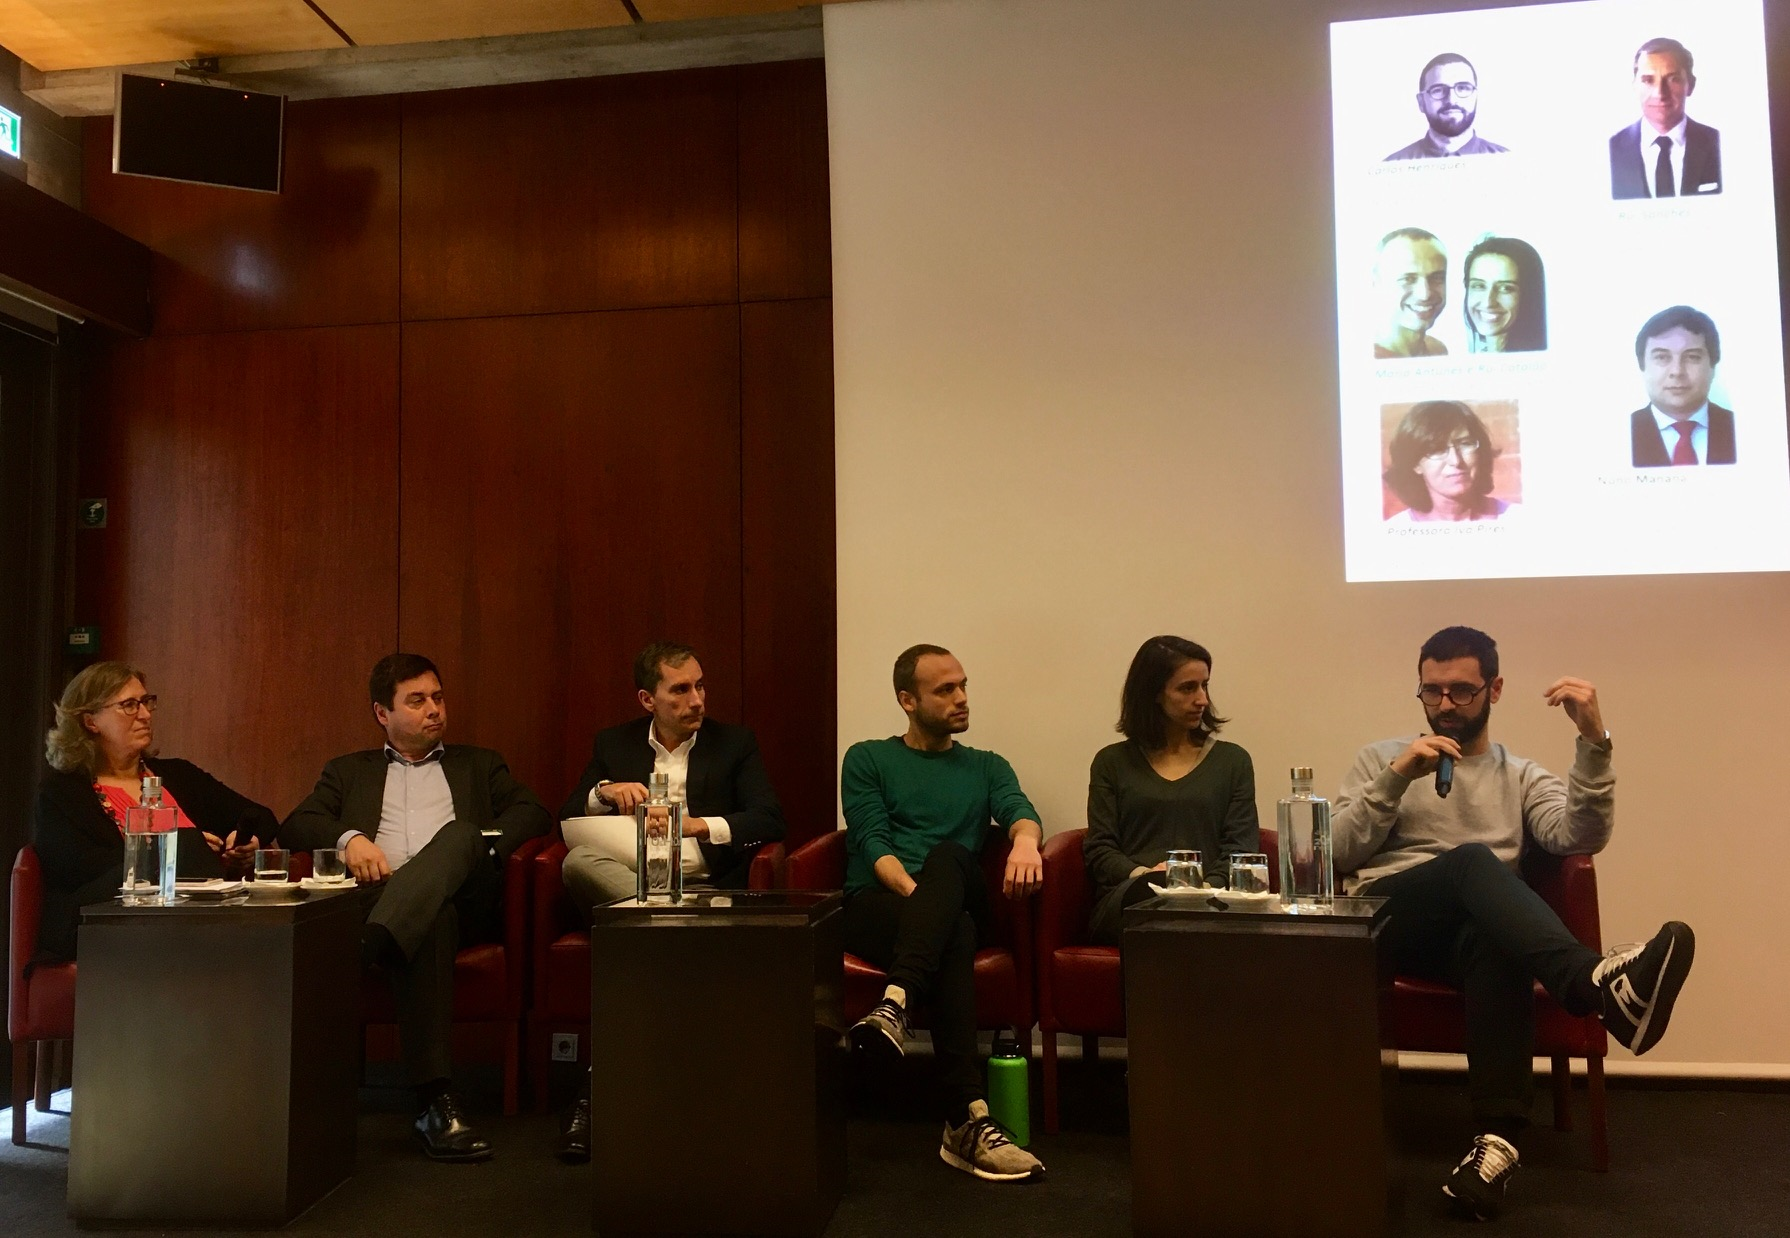 Ruokahävikki-seminaarin panelistit; Iva Pires, Nuno Manana, Rui Sanches, Rui Catalão, Maria Antunes ja Carlos Henriques.